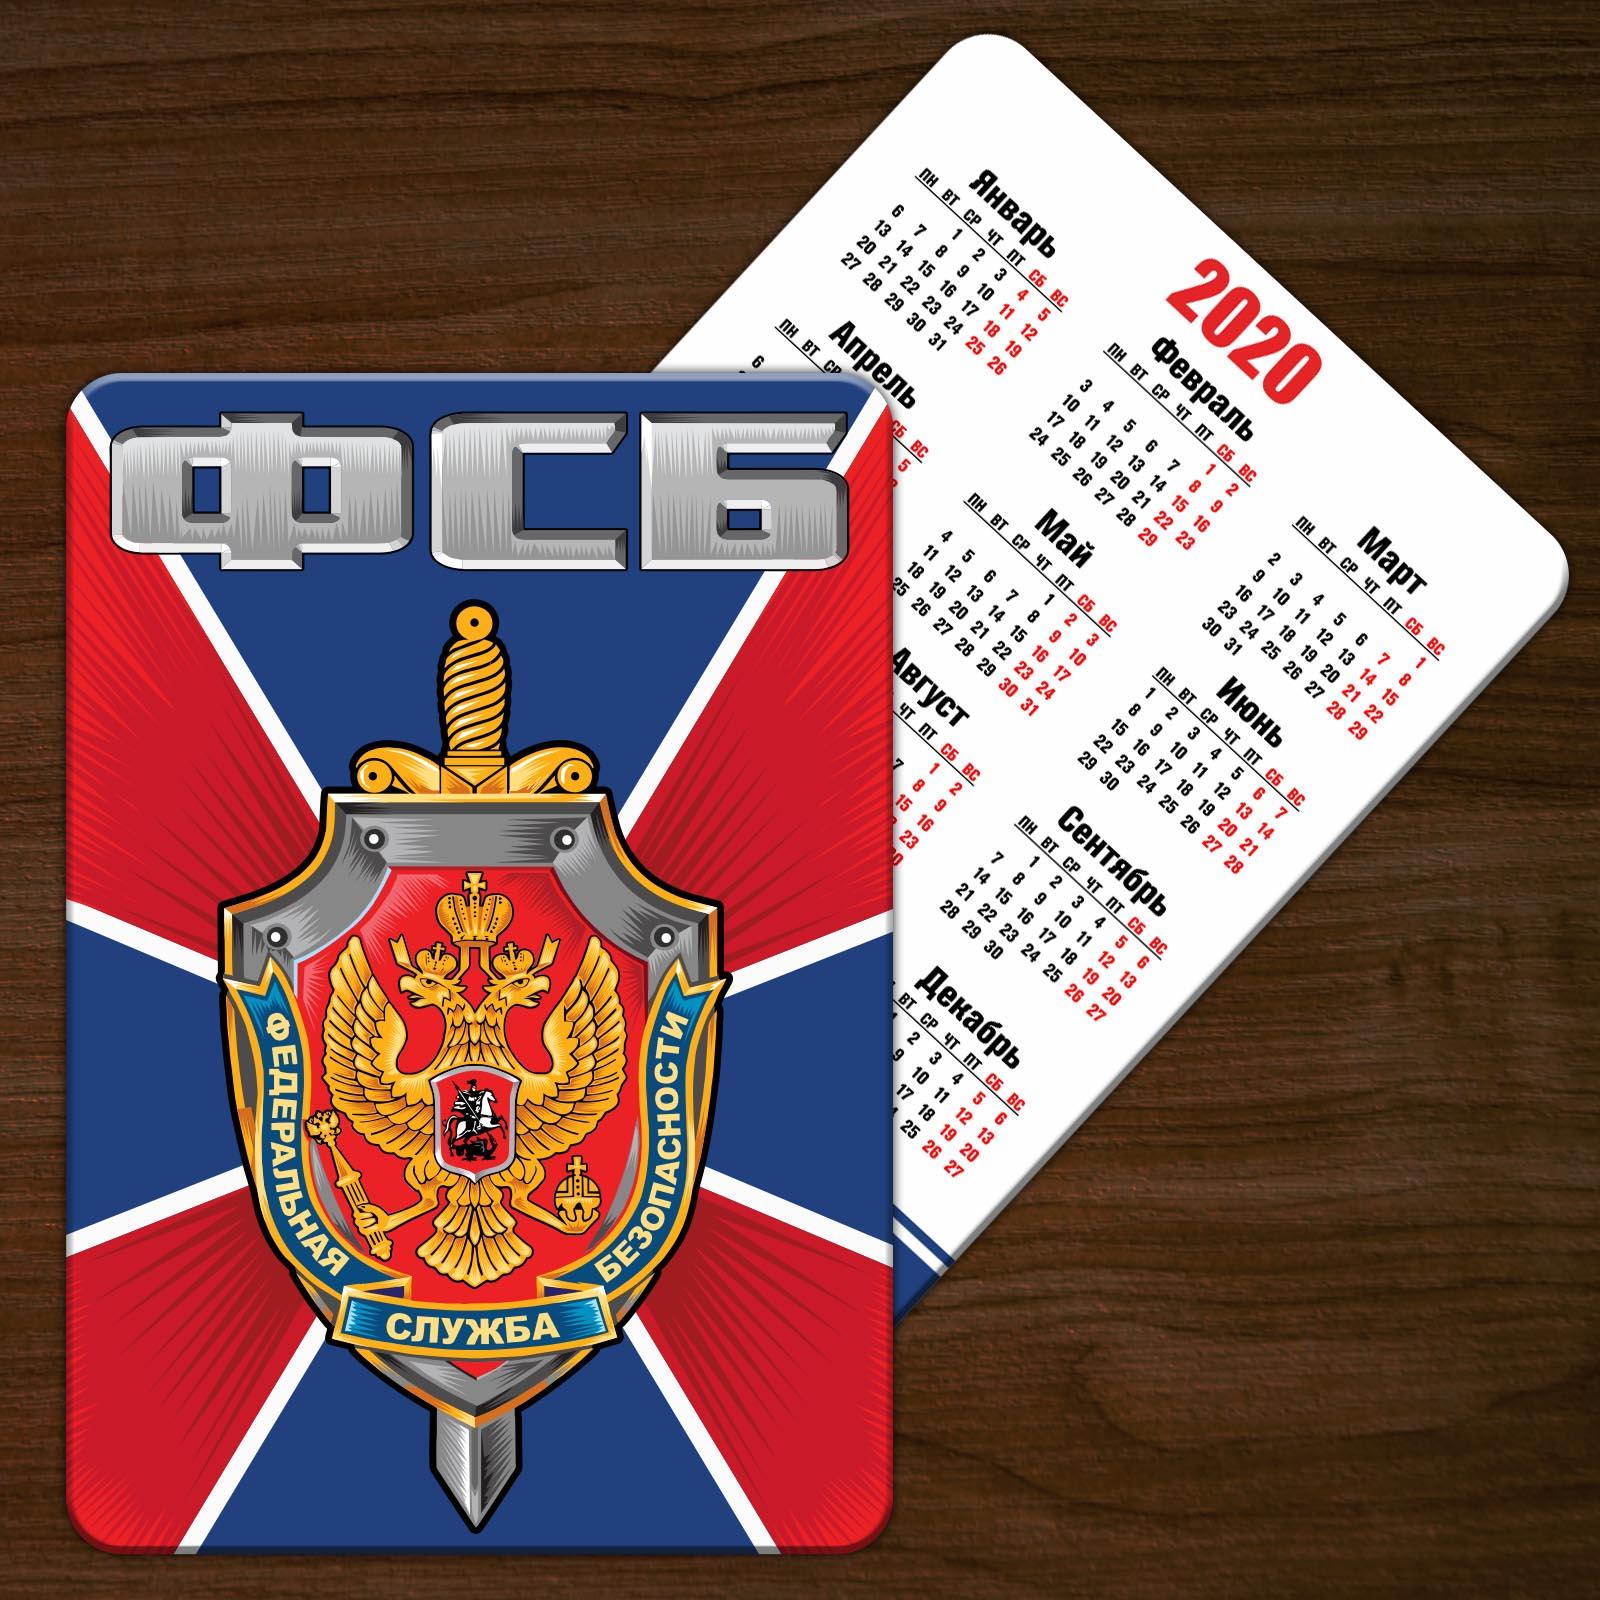 Карманный календарь ФСБ (2020 год)